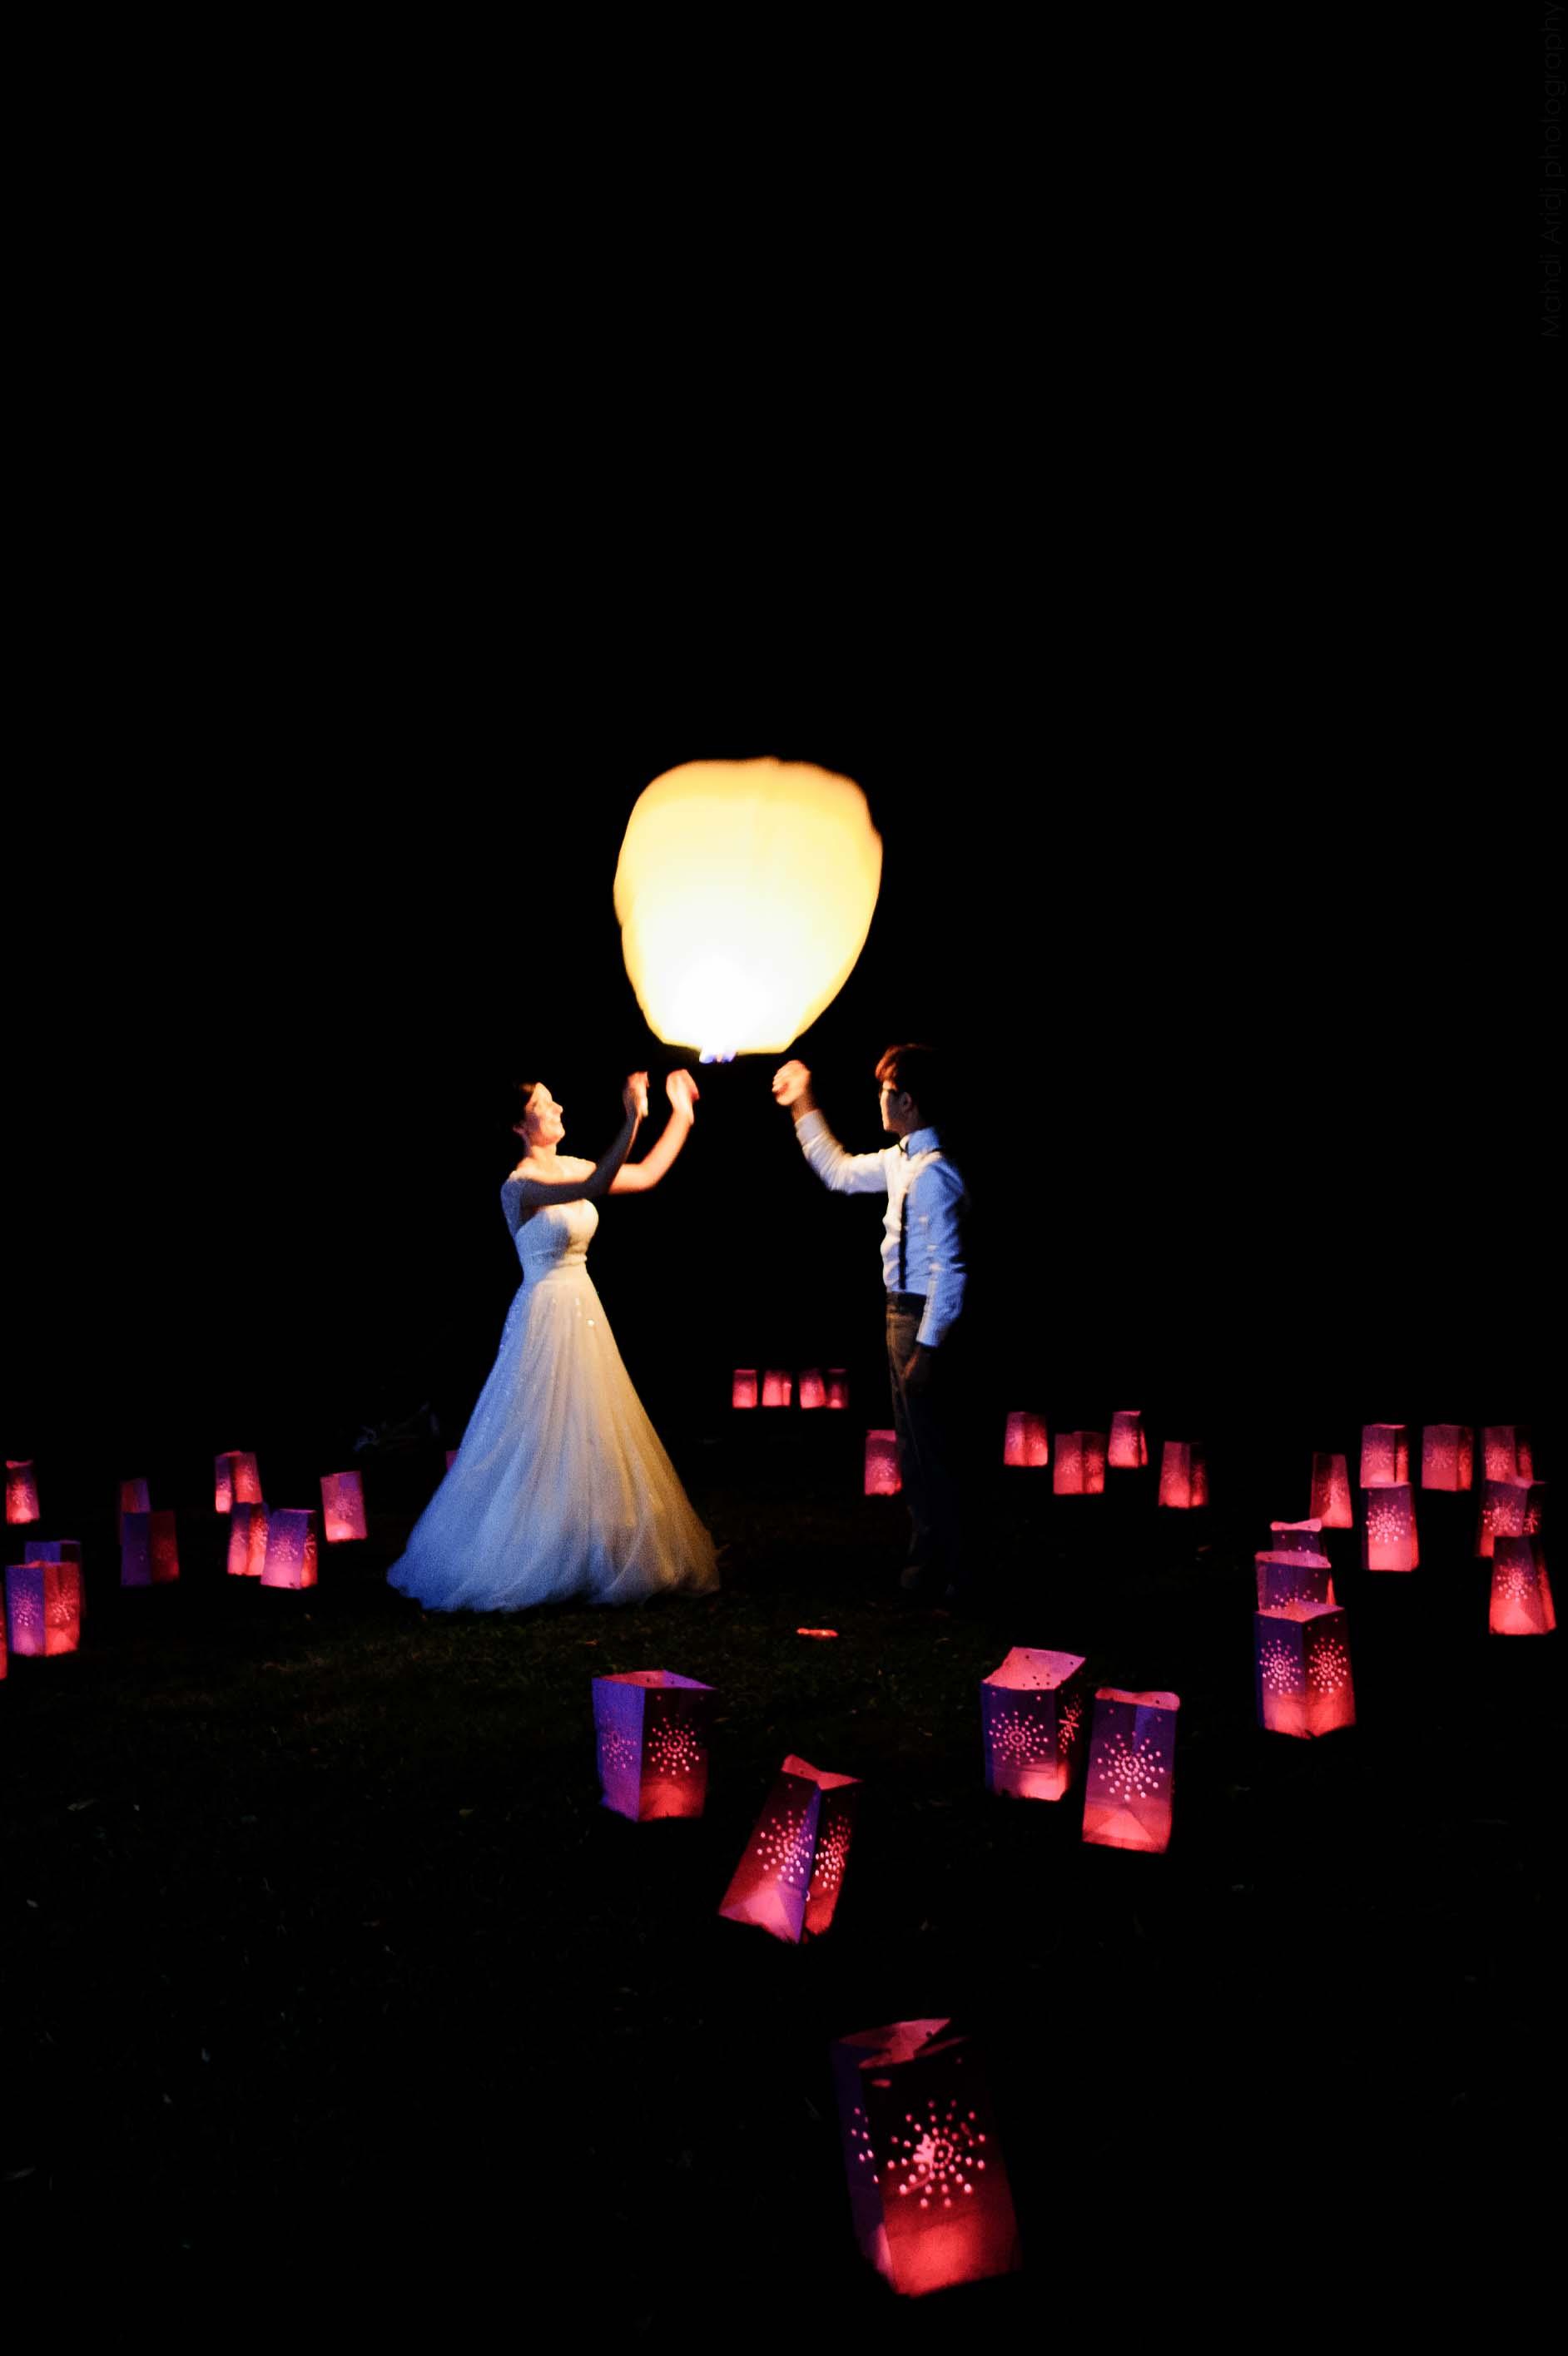 Lâché de lanternes volantes par les mariés -Photographe de mariage en Bourgogne | Wedding photographer in Burgundy